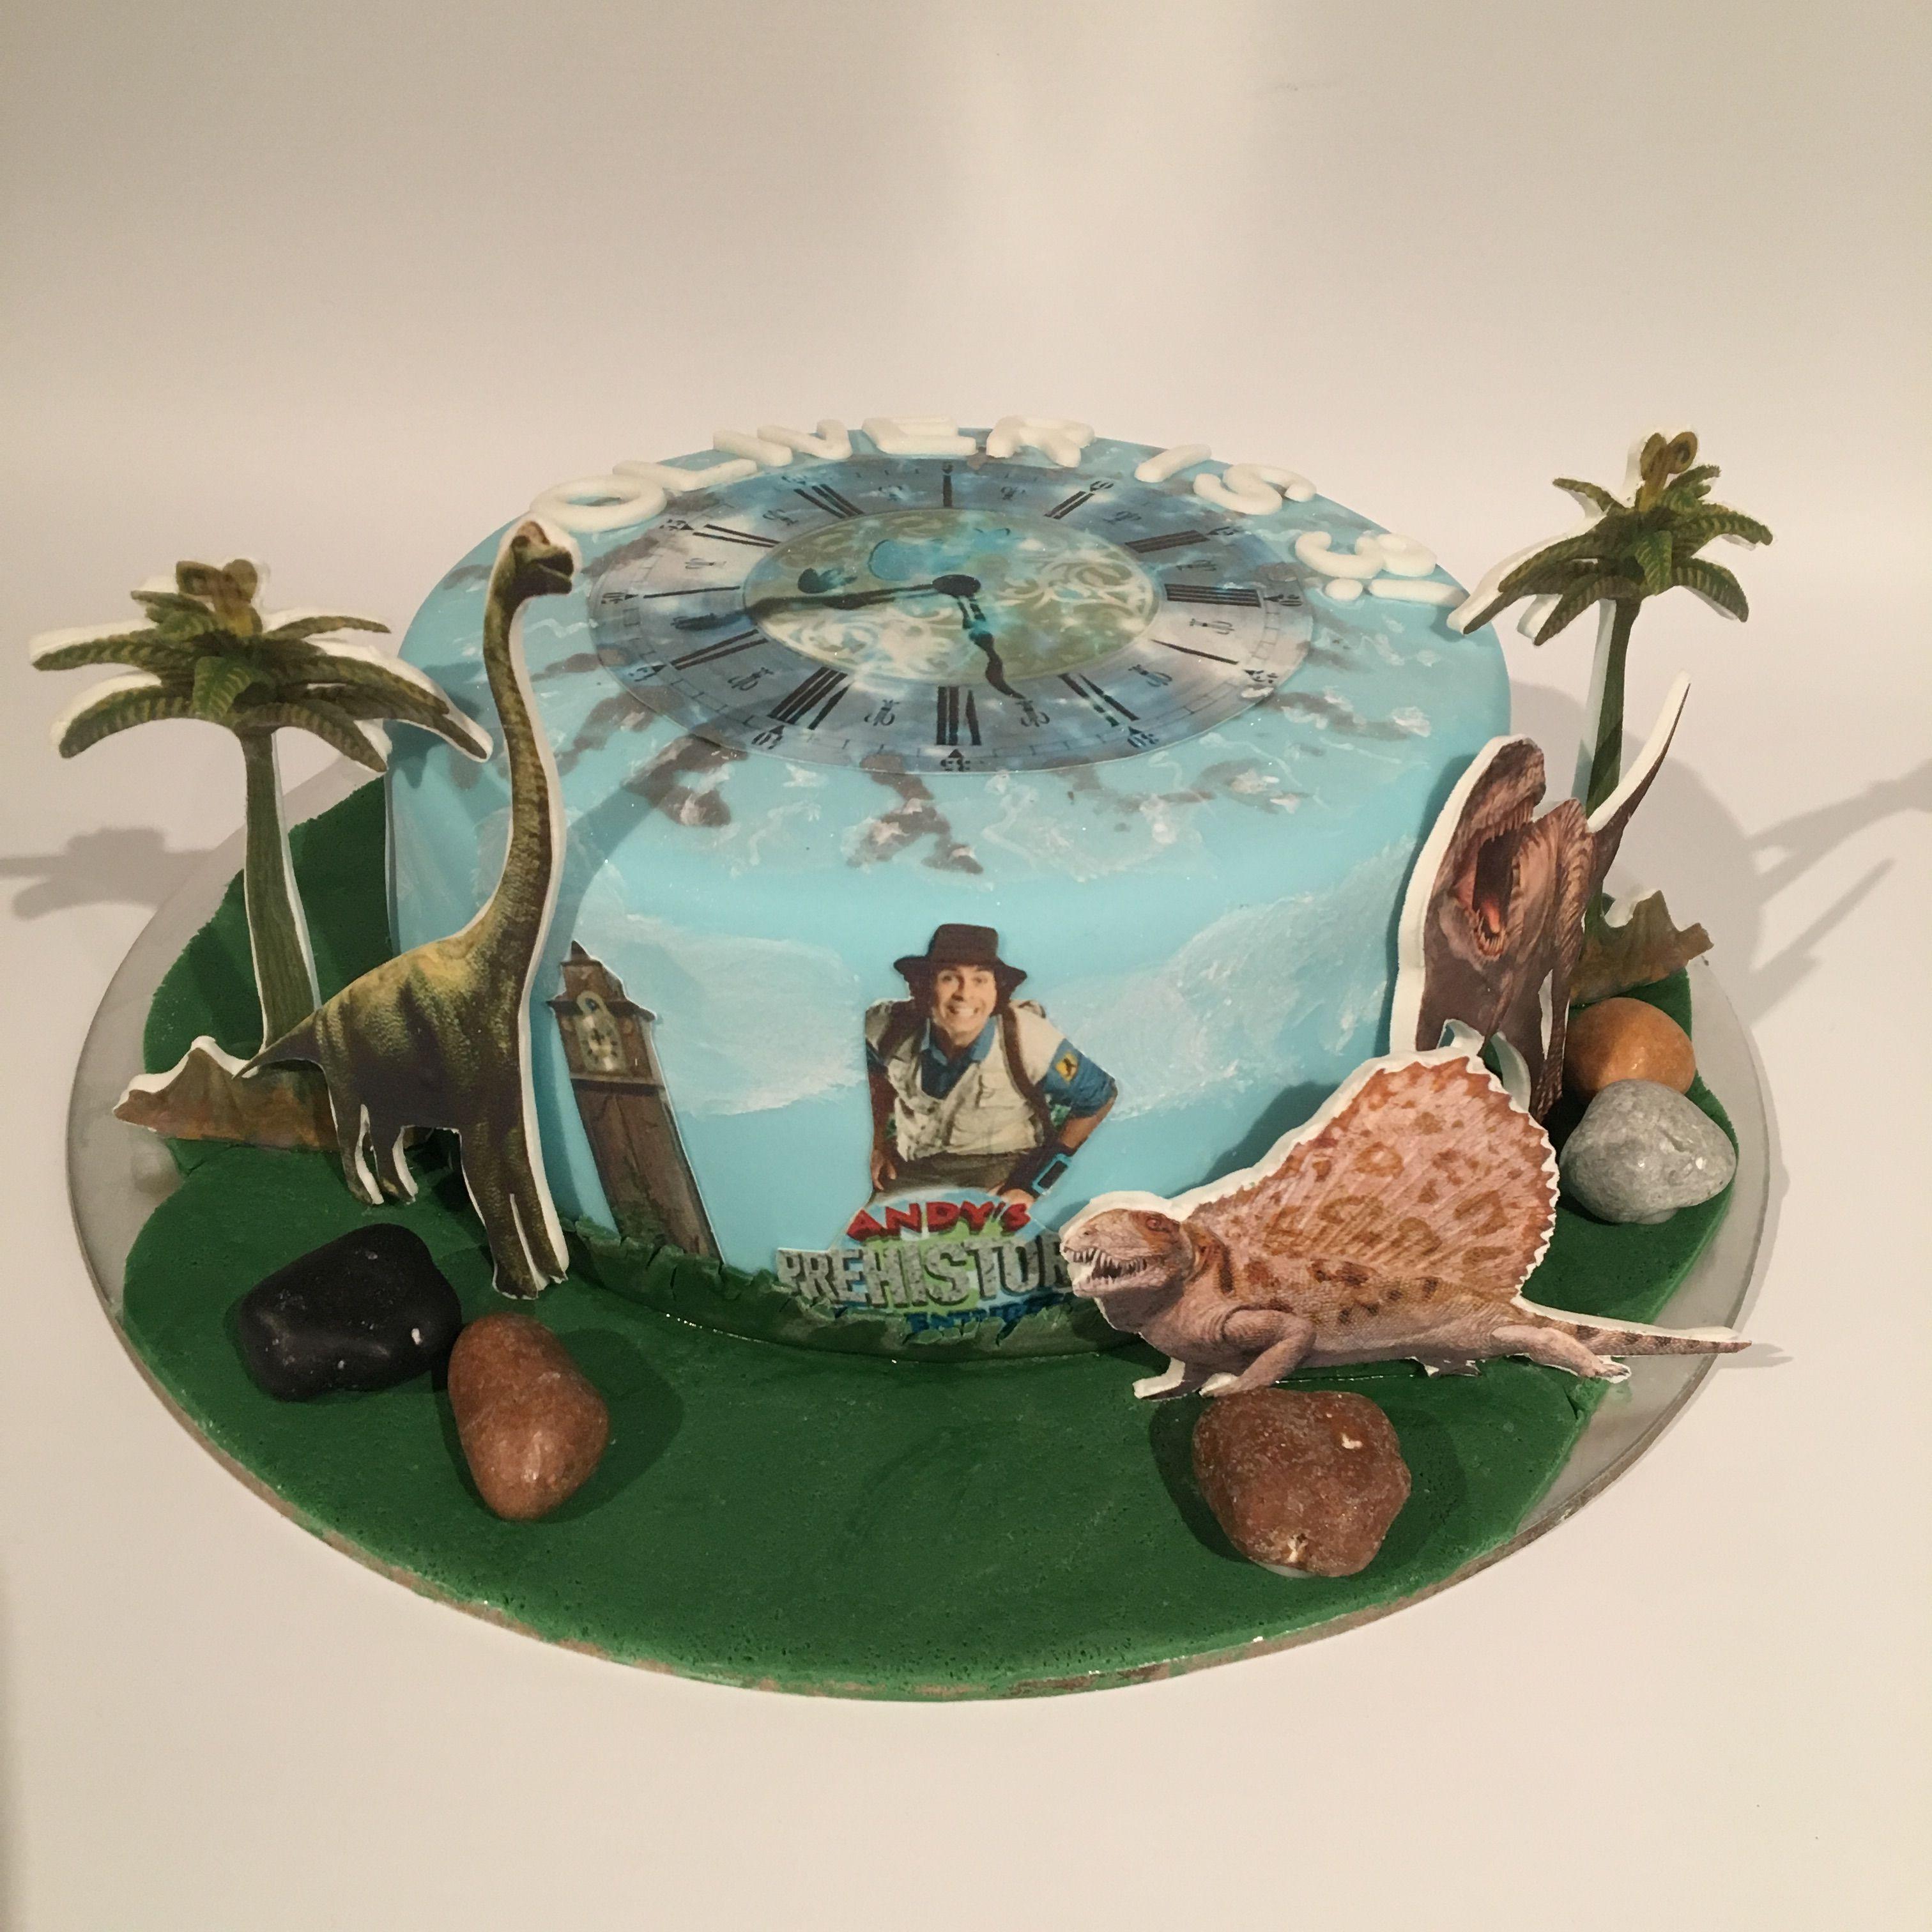 Andys prehistoric dinosaur cbeebies birthday cake from